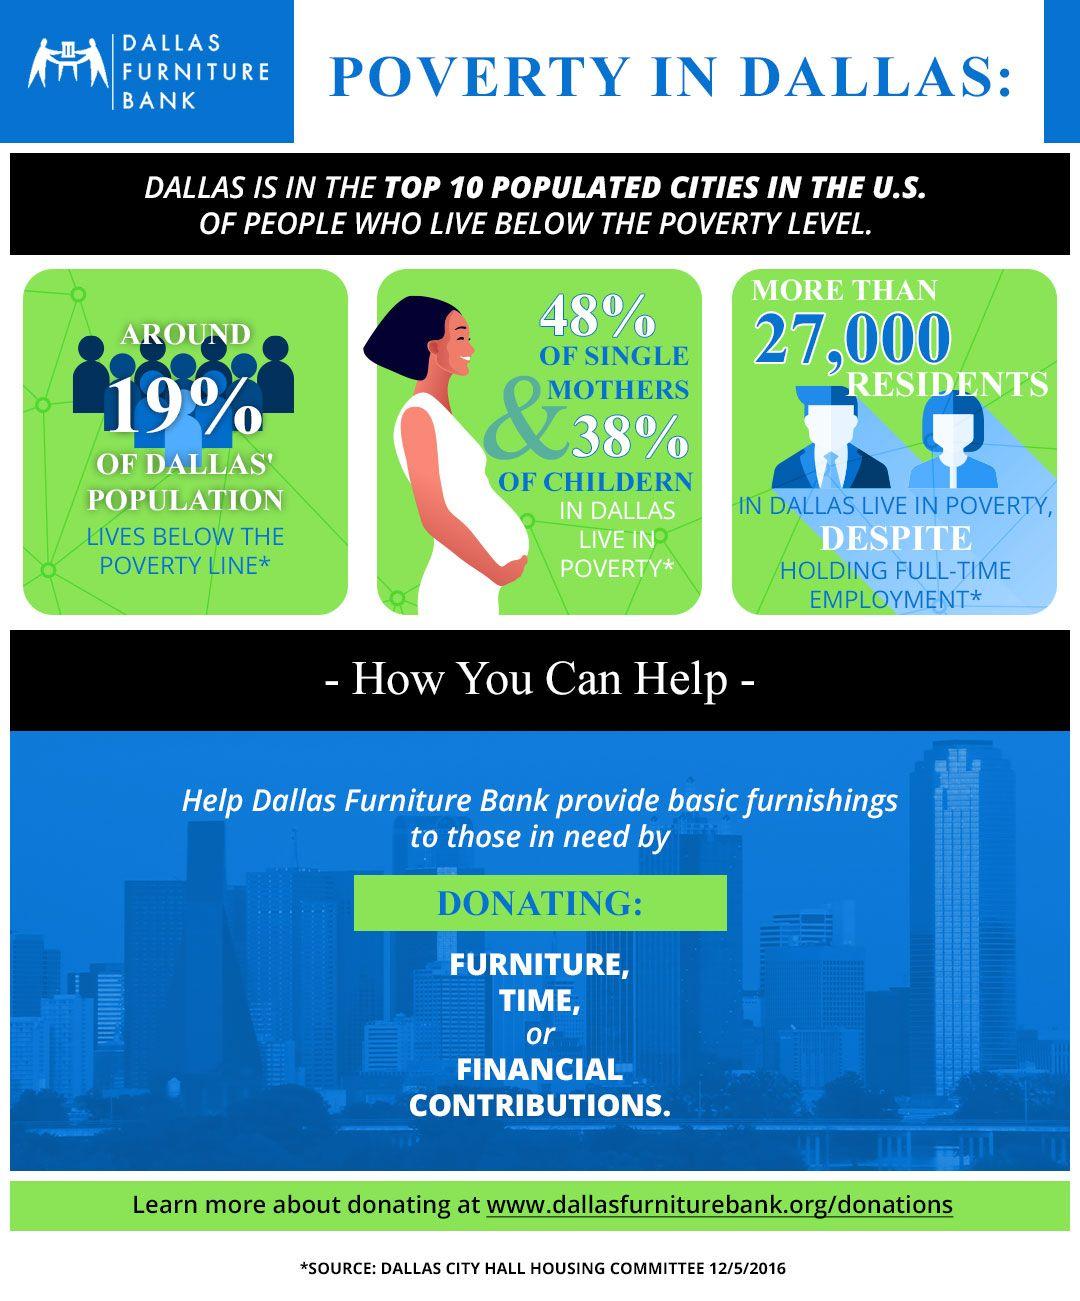 Dallas Furniture Bank_Poverty in Dallas_Infographic.jpg